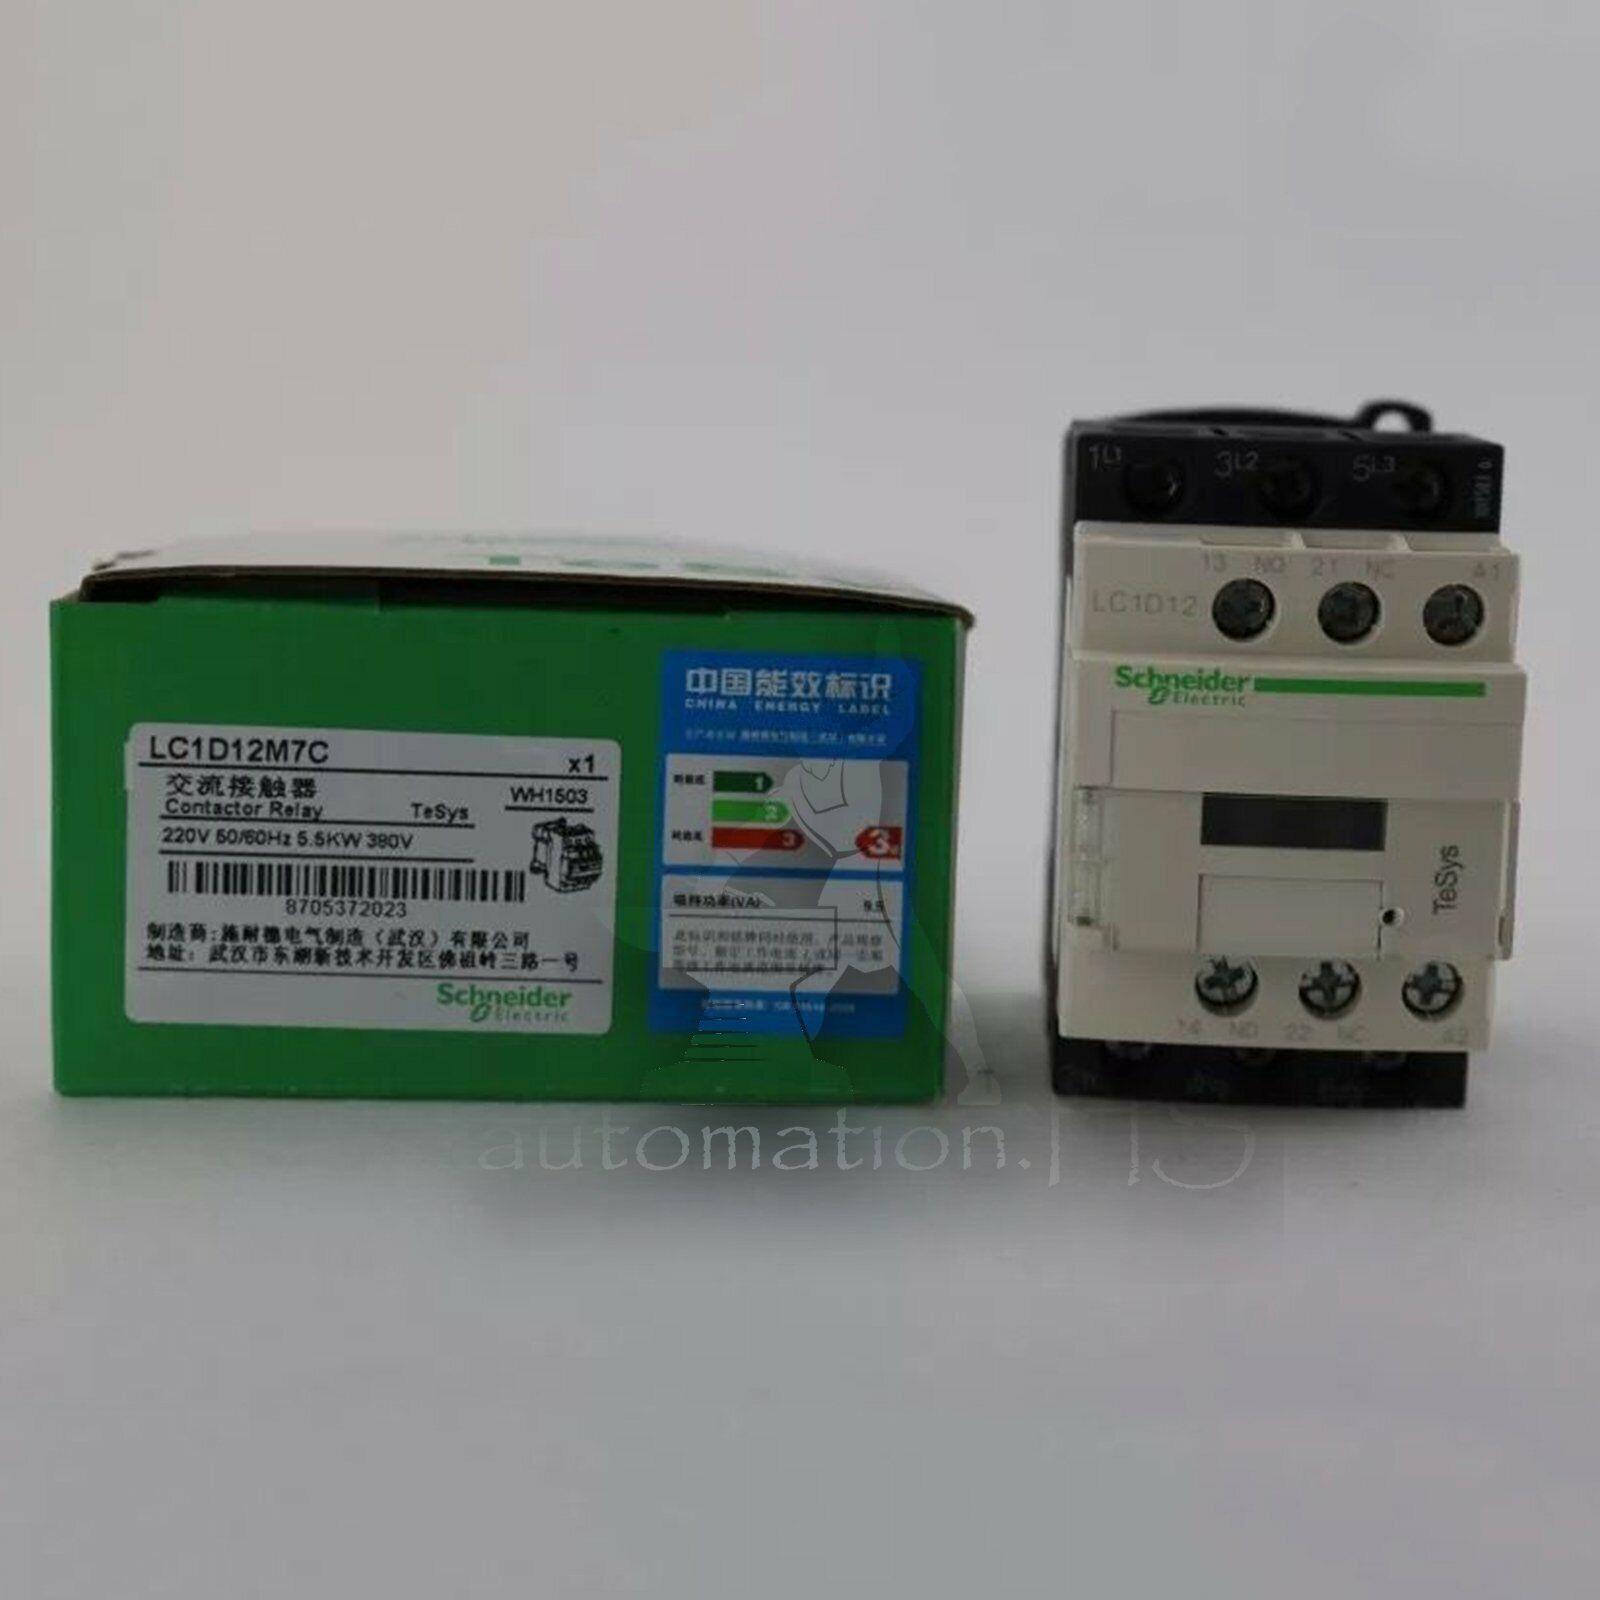 60 Day Warranty Schneider LC1DT40M7 Contactor 220 V  50//60 Hz